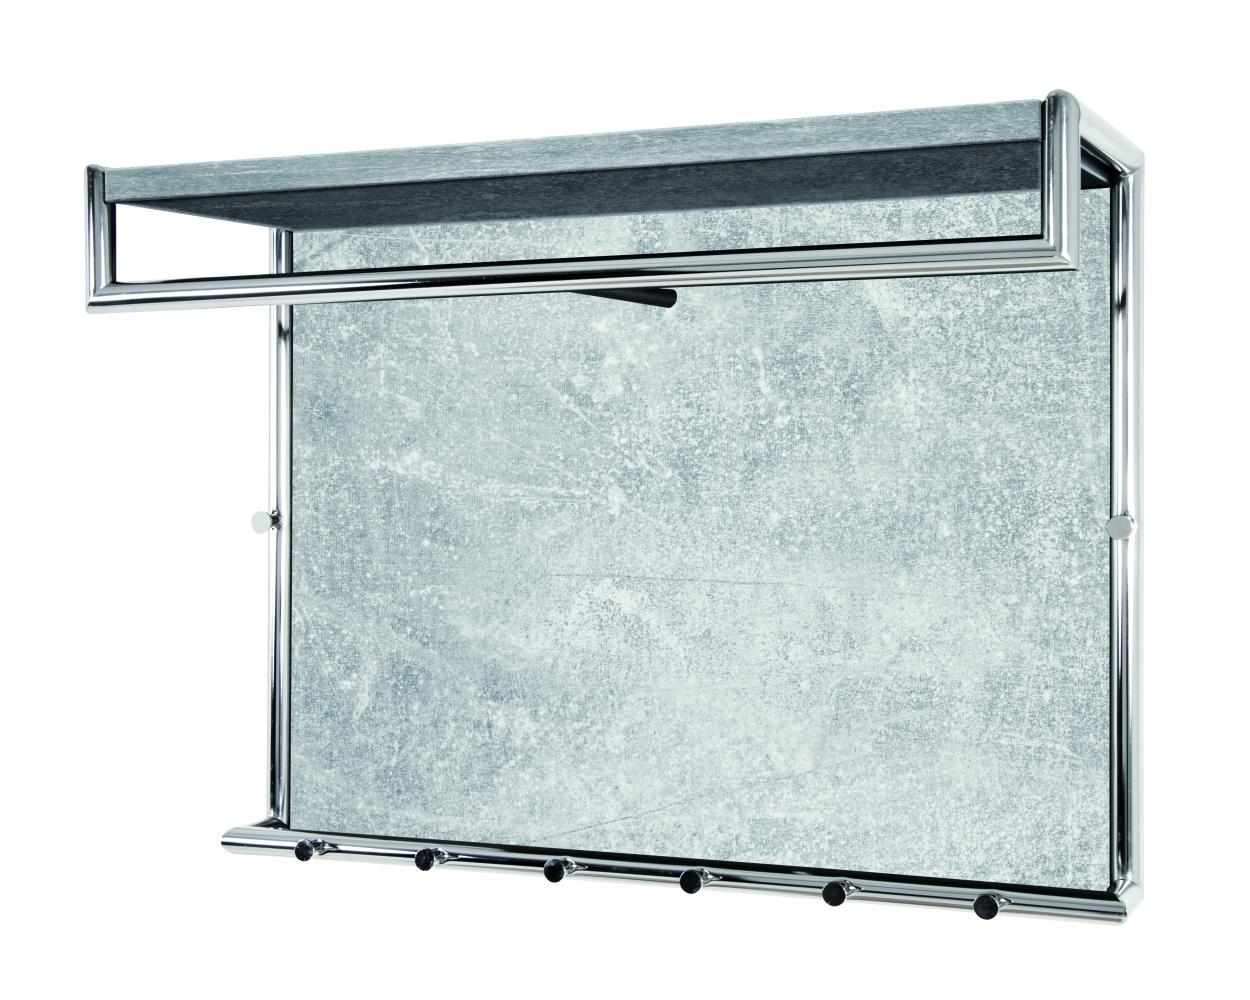 Nástěnný věšák s háčky Arnie, 60 cm, chrom/beton